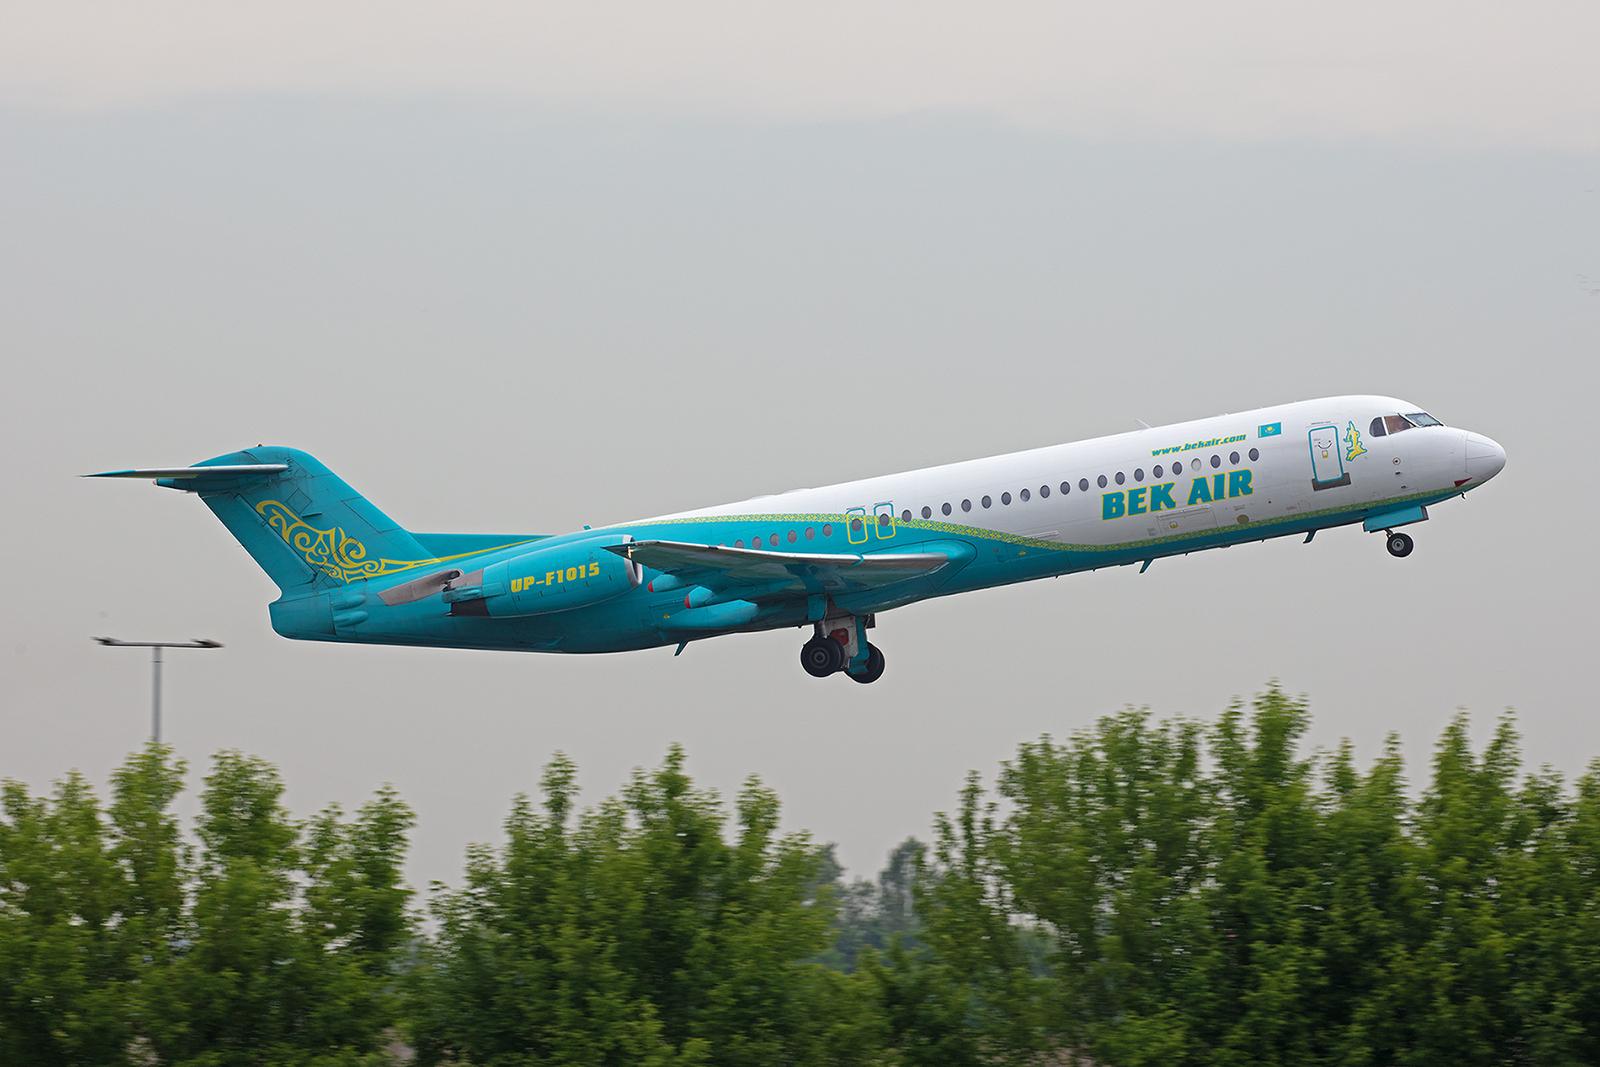 Eine von sieben aktiven Fokker 100 der Bek Air. Diese hier flog auch einige Jahre für Contactair und OLT in Deutschland.